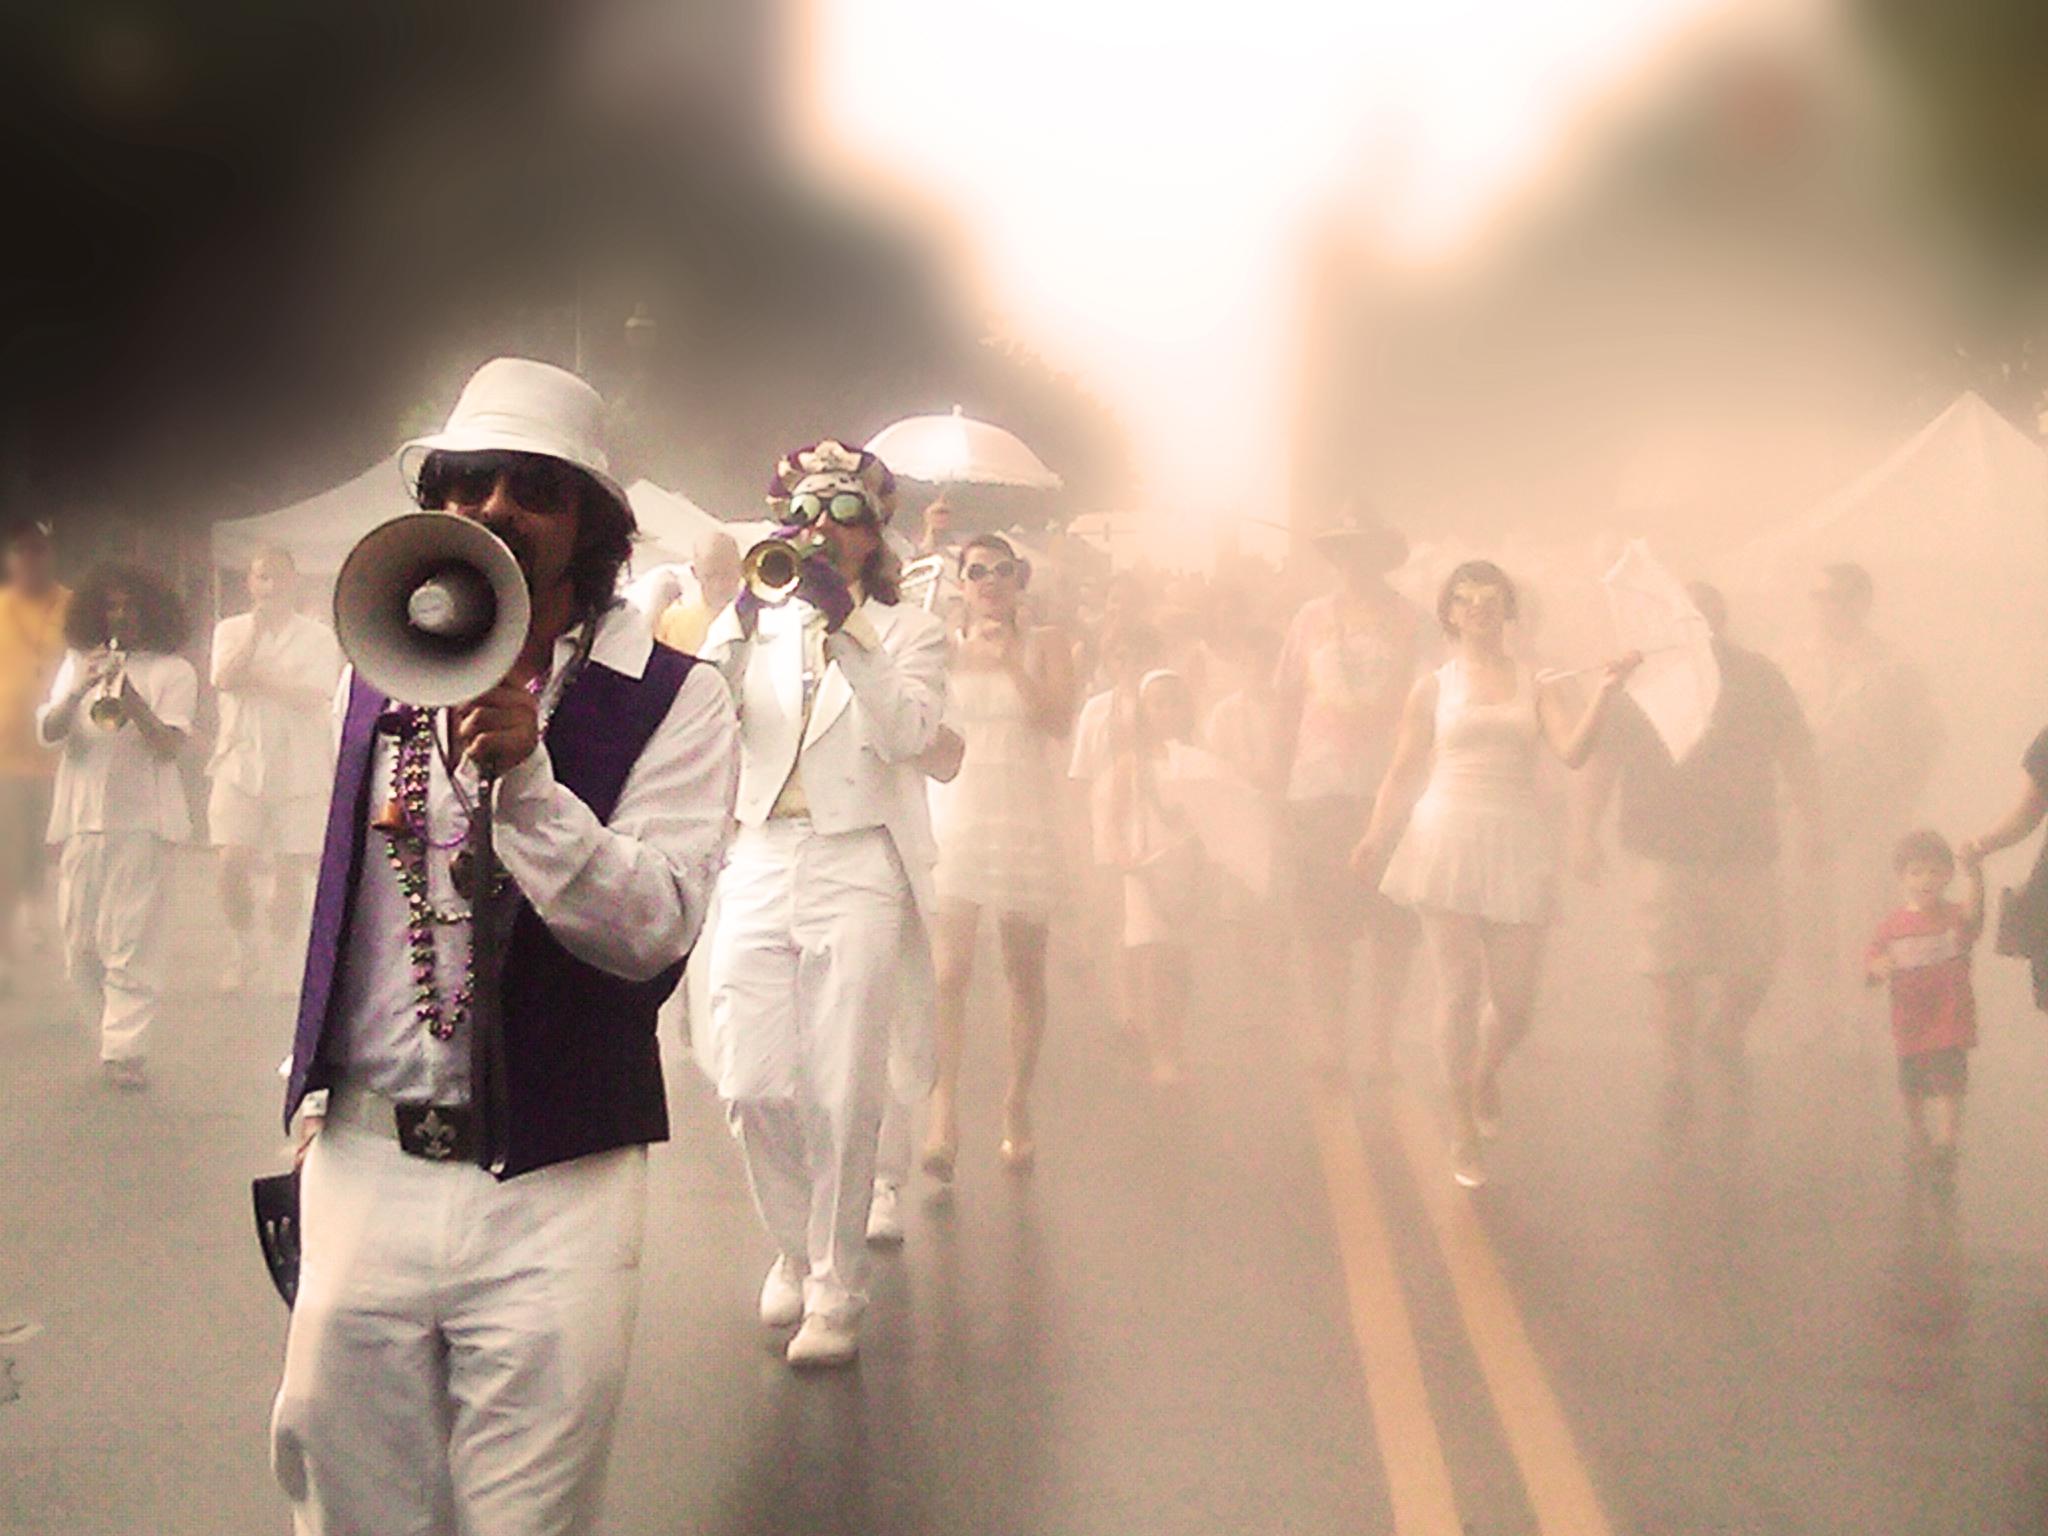 Mist Parade Photoshopped.jpg